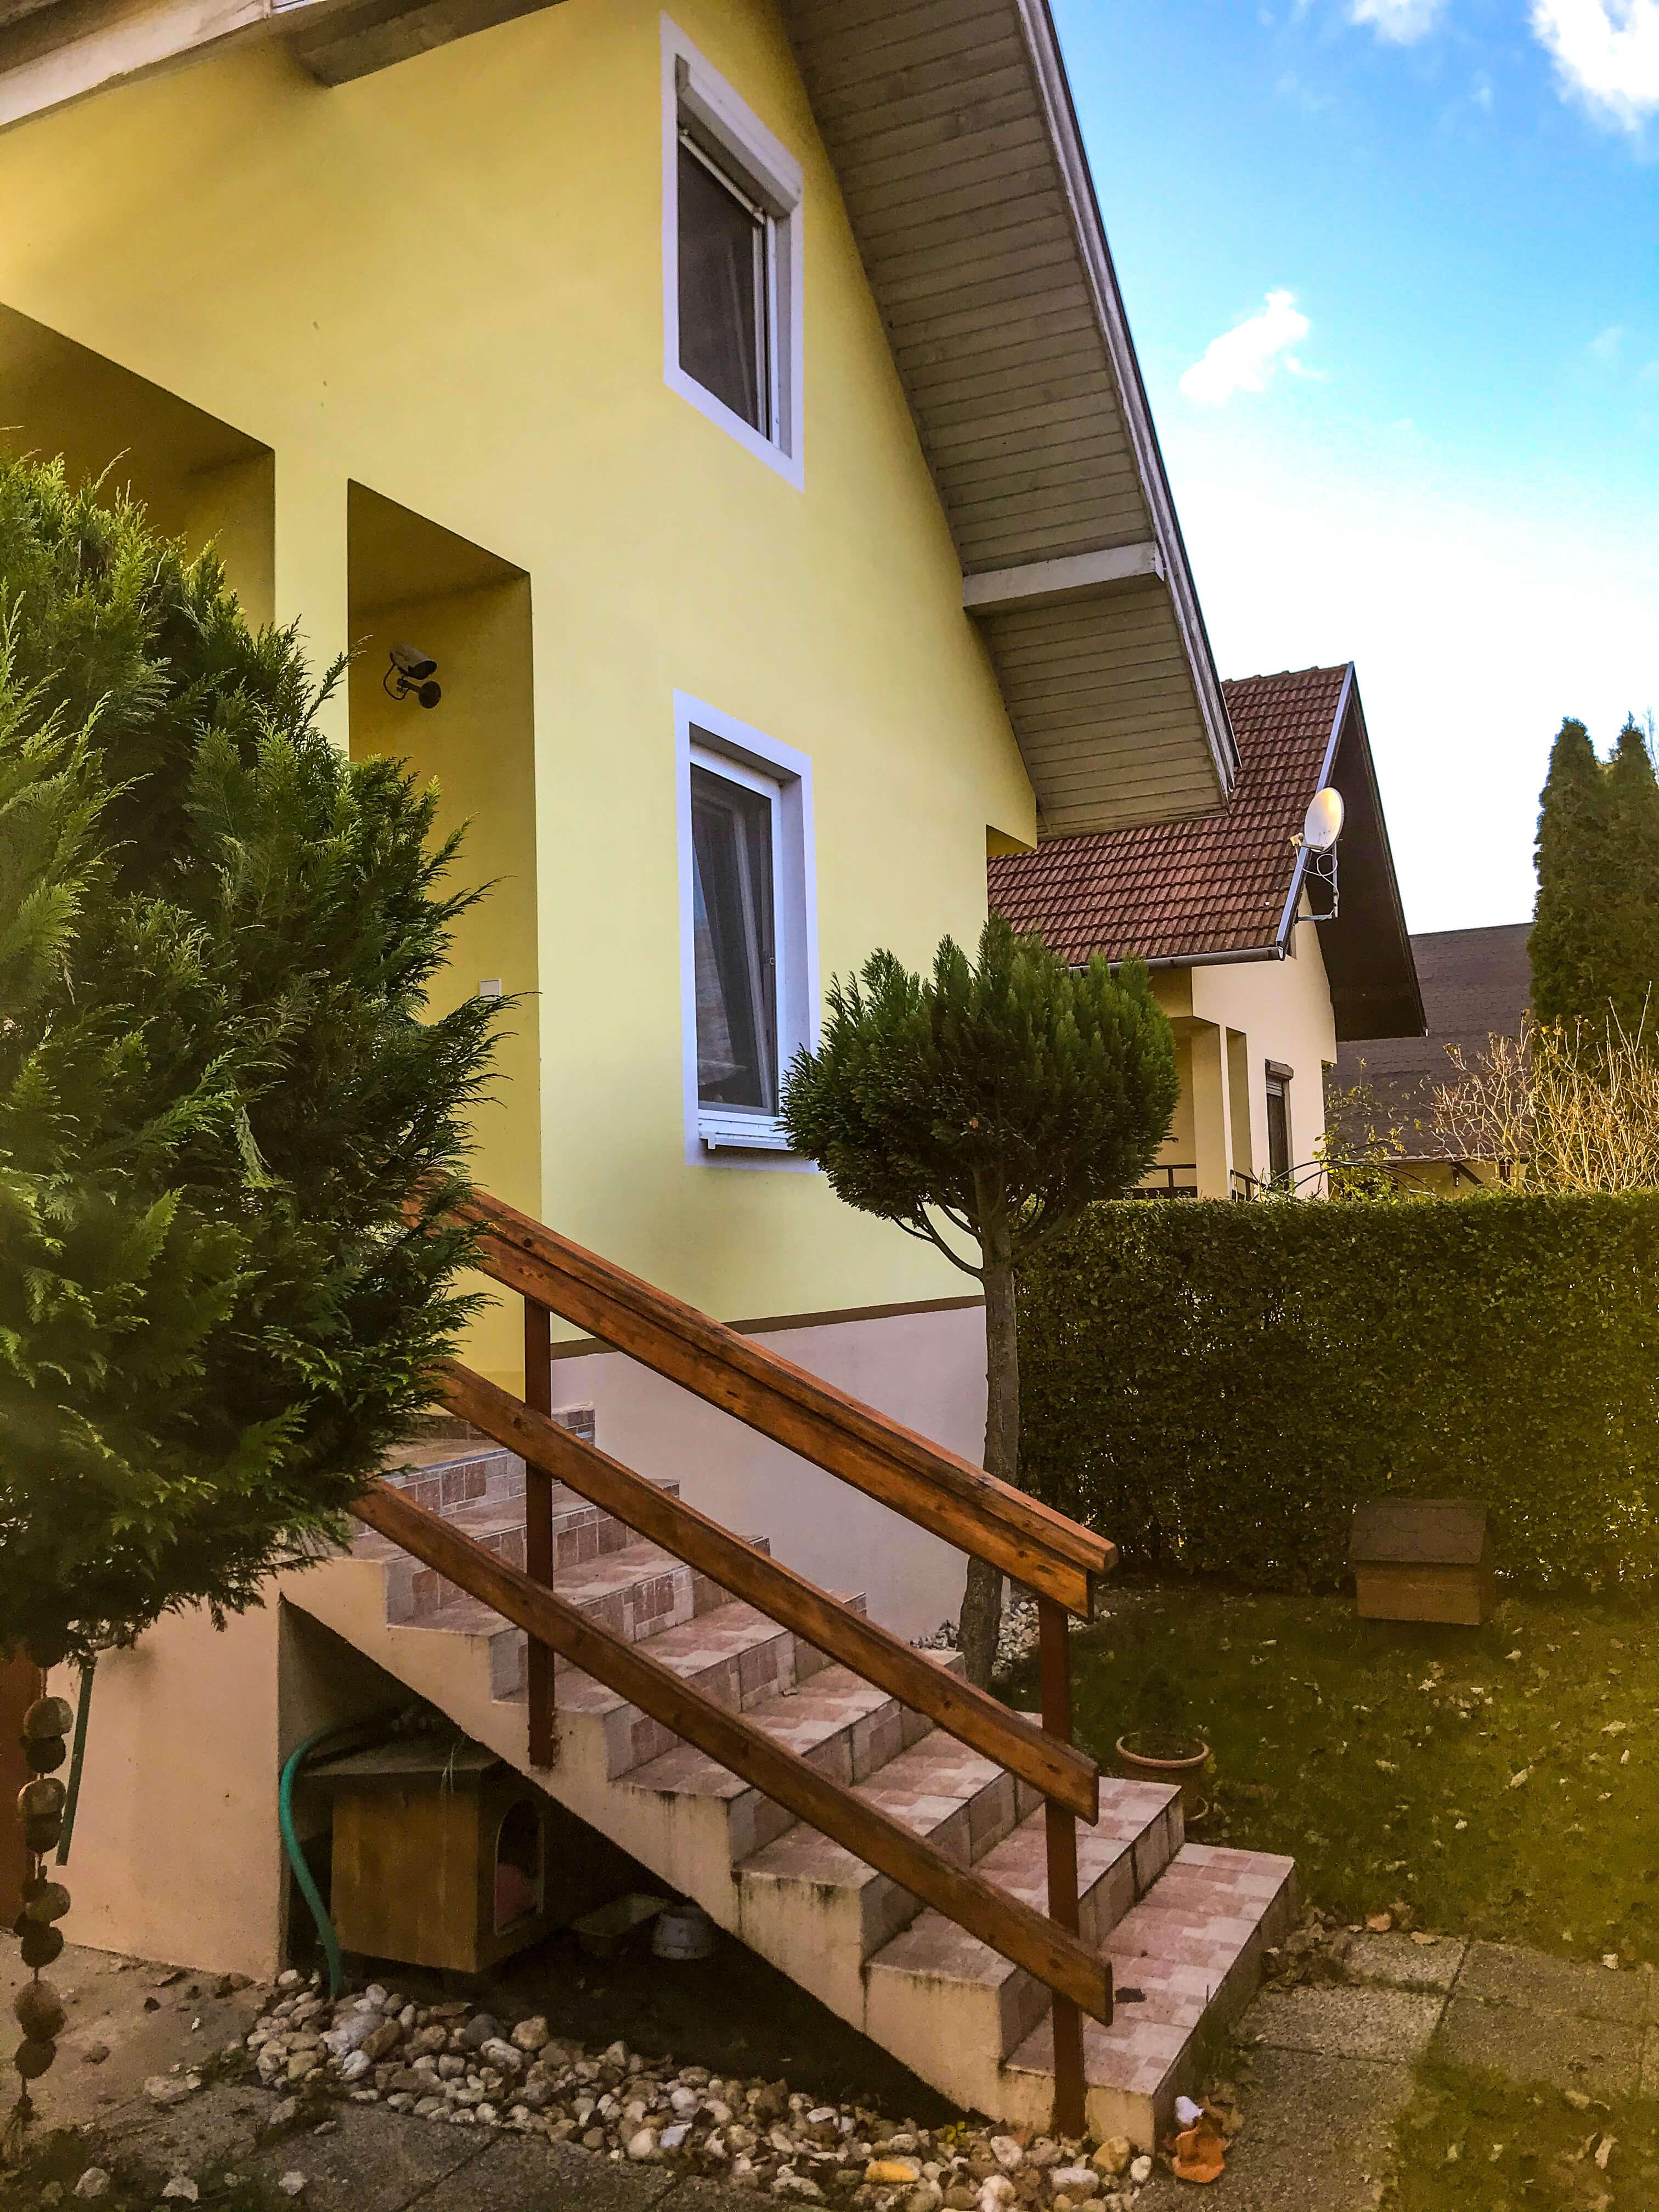 Predané: Exkluzívne 3 izbová chata o výmere 70m2 s 300m2 pozemkom, 2 podložná, v Gabčíkove pri hrádzi, kompe-33